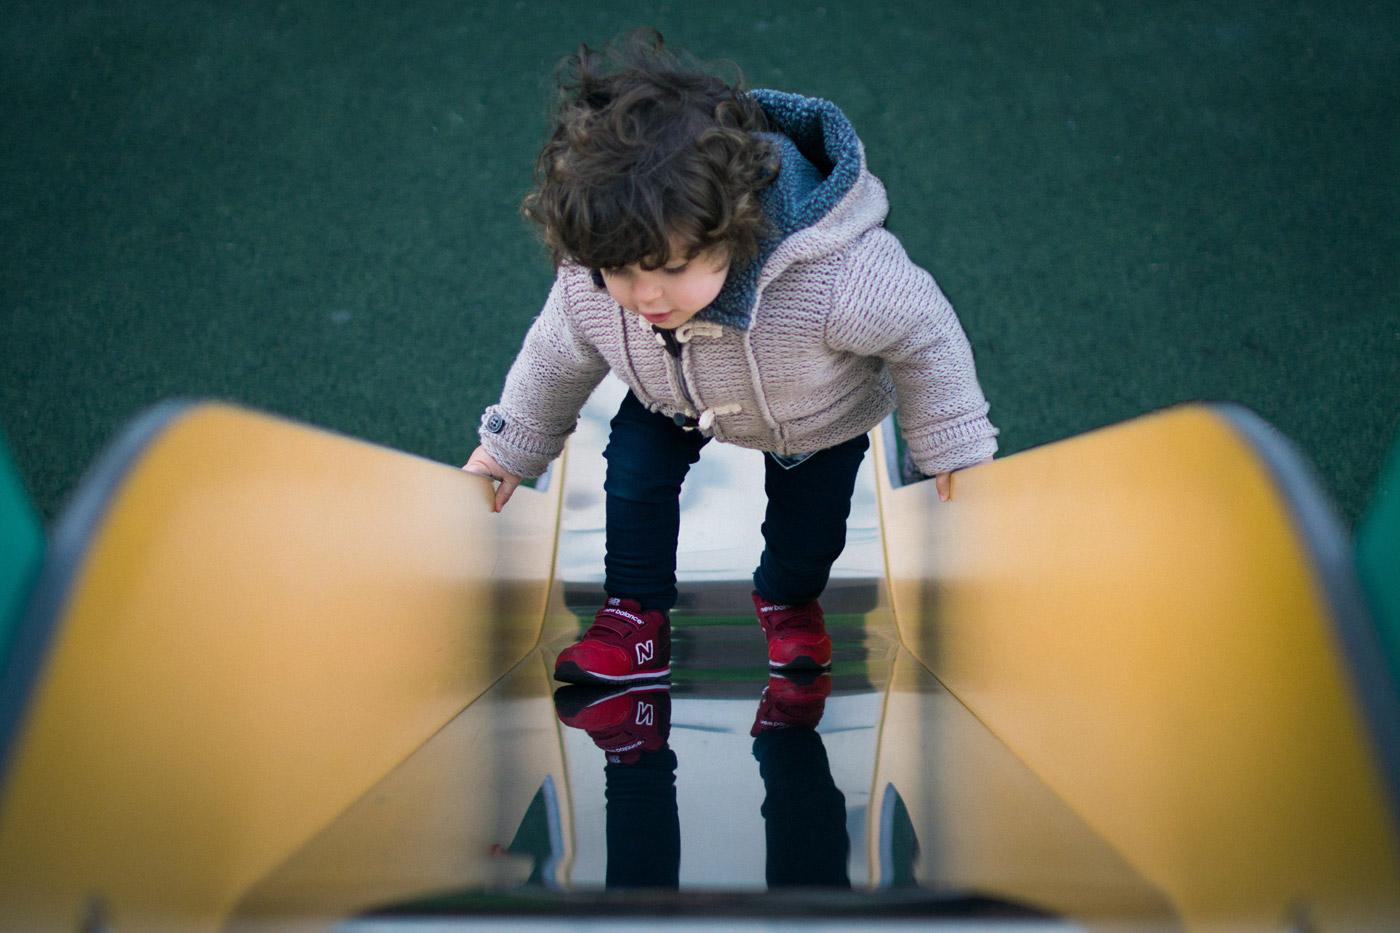 Luca subiendo solo por el tobogán al revés